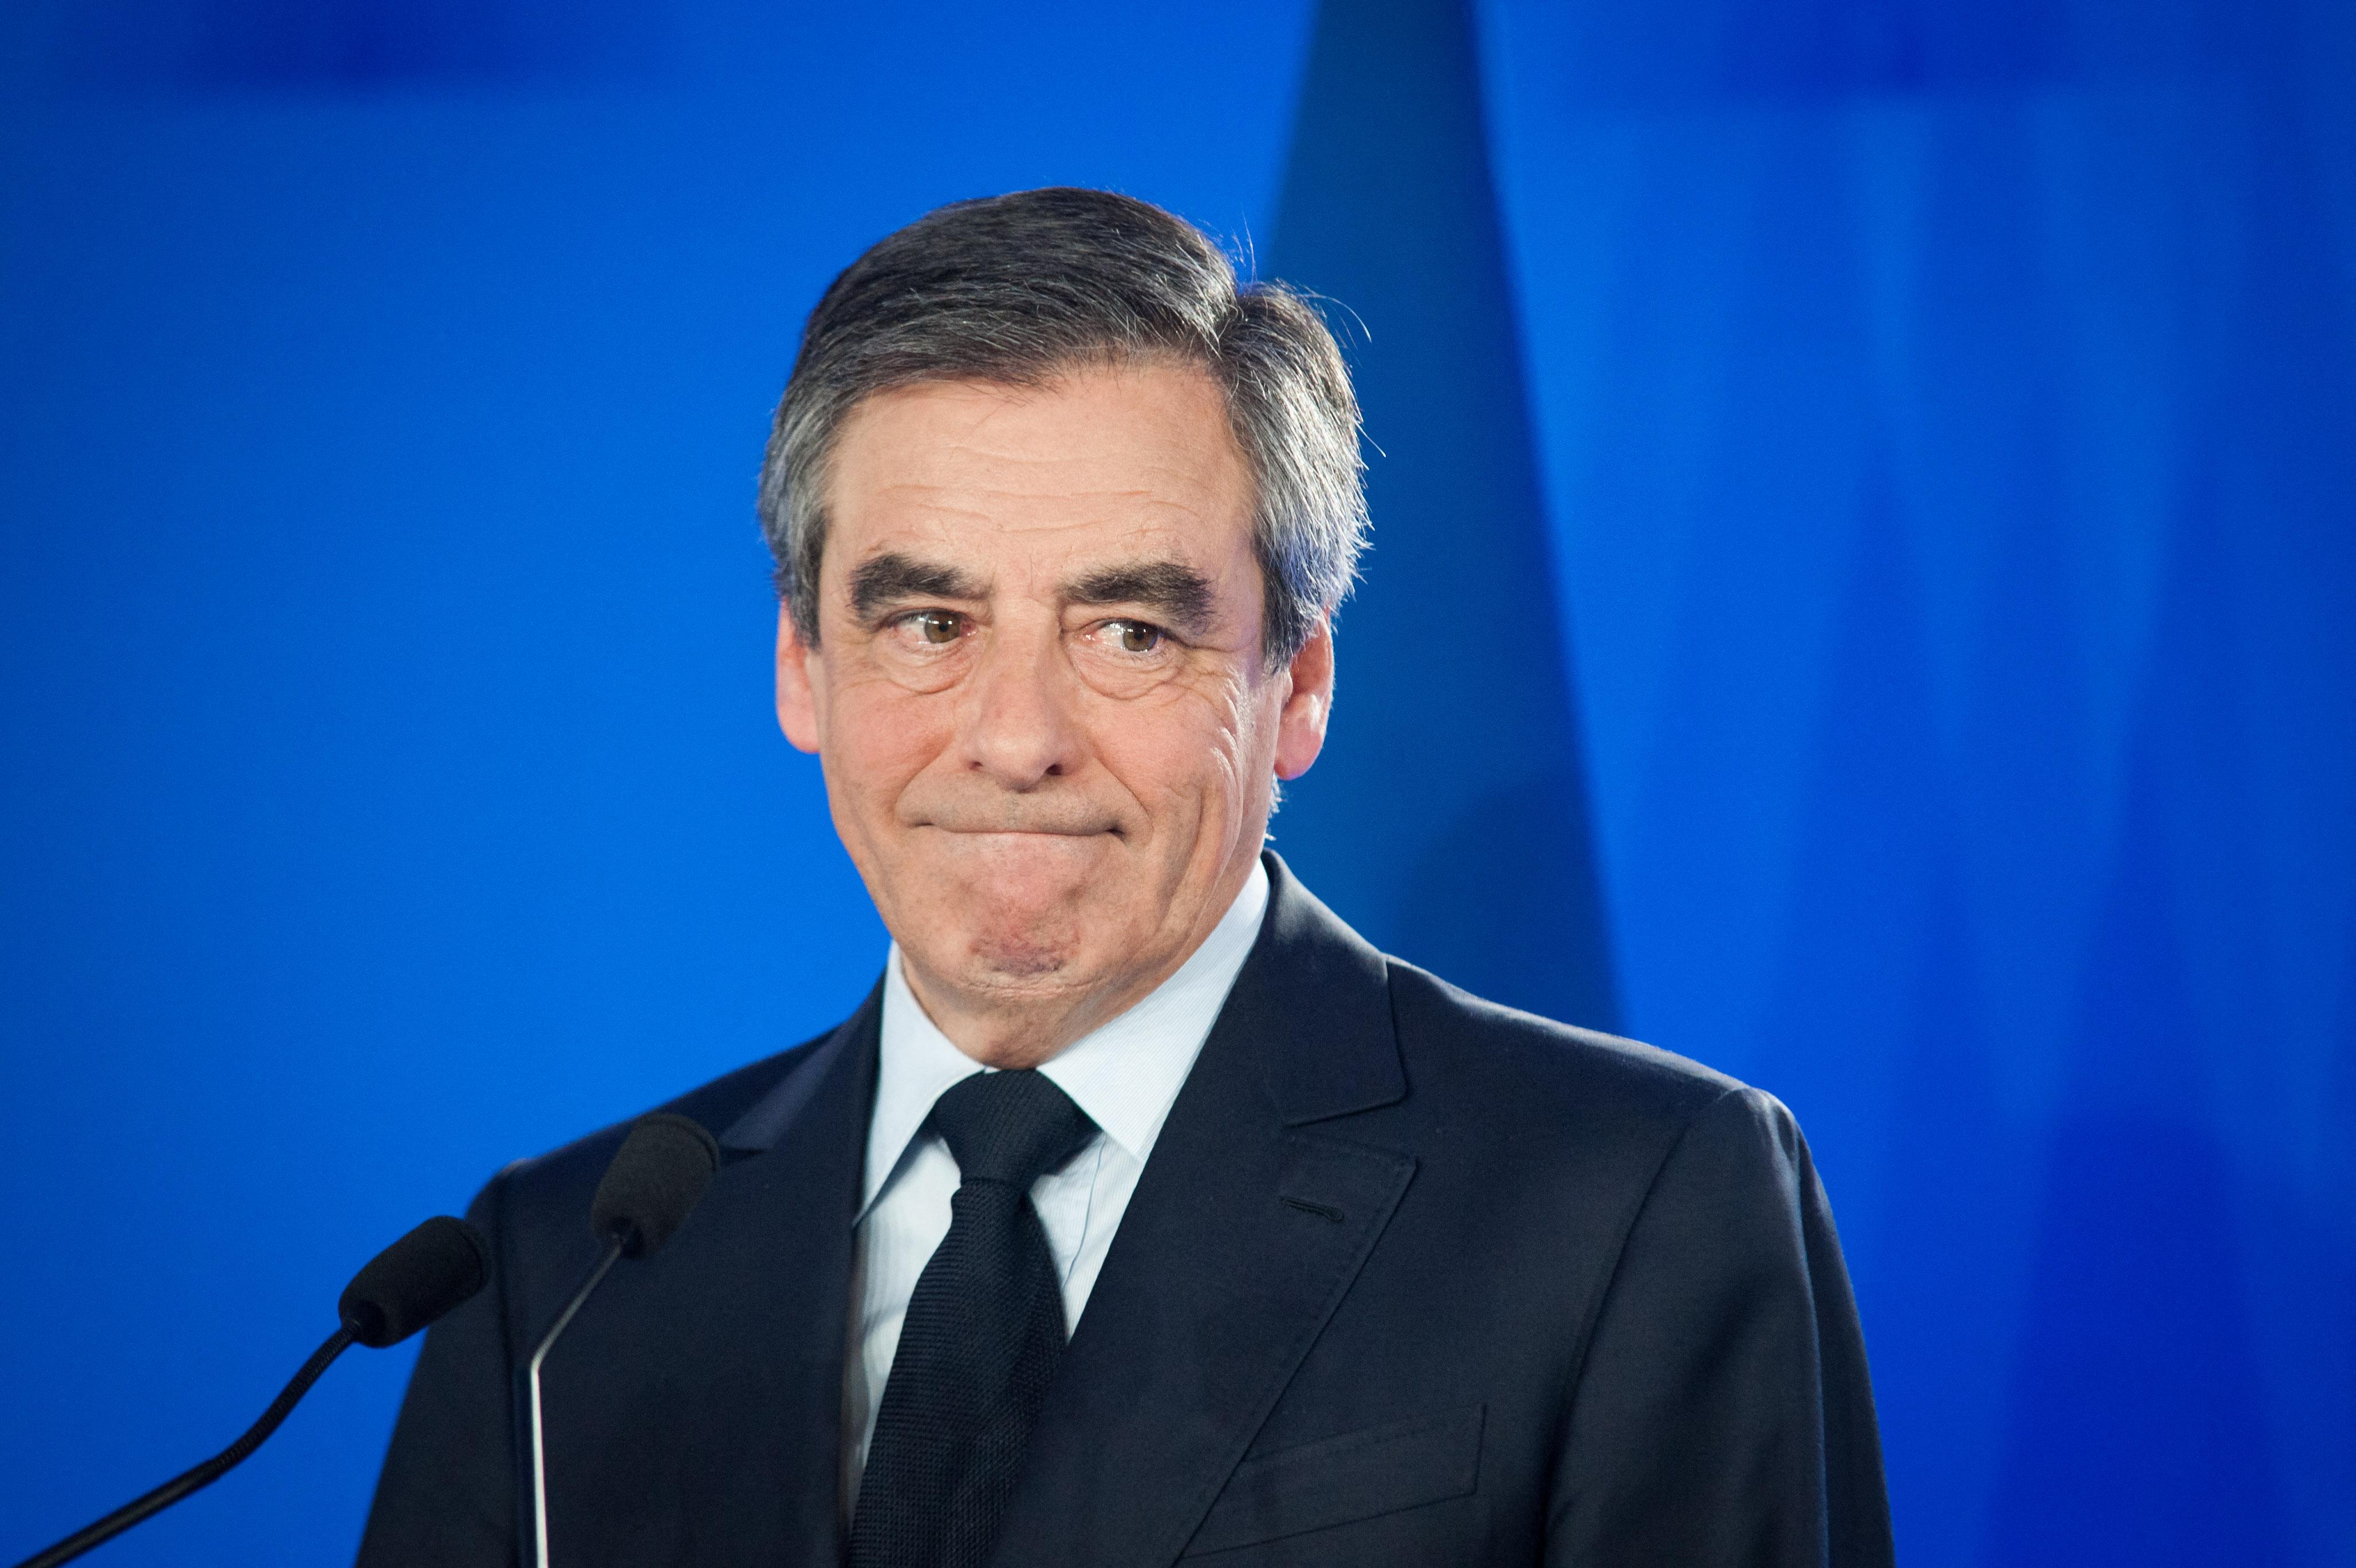 Öt év börtönt kapott Francois Fillon egykori kormányfő sikkasztásért